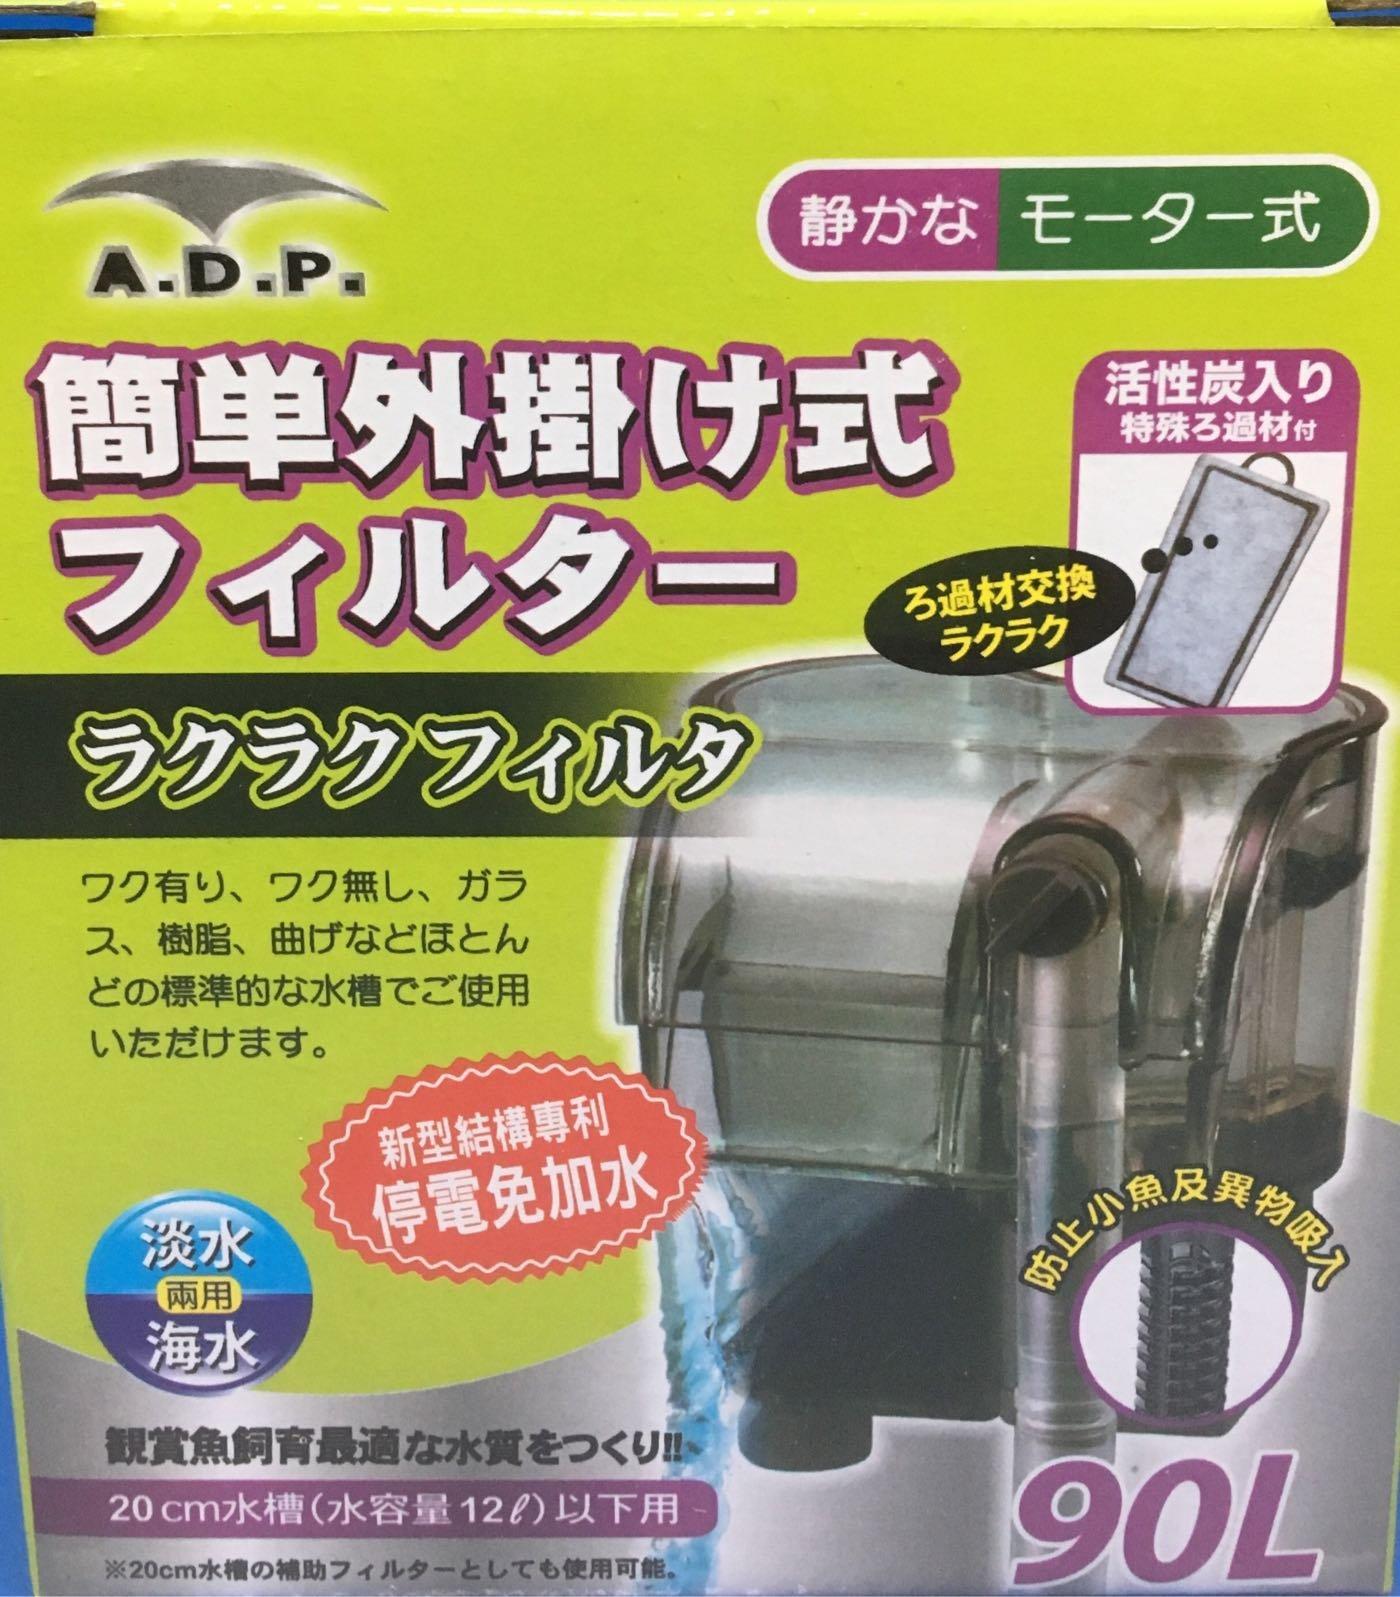 簡單外掛過濾器 淡海水 停電免加水 90L H 12公升 魚缸 低耗電 補充棉 方便 簡易 30- 130